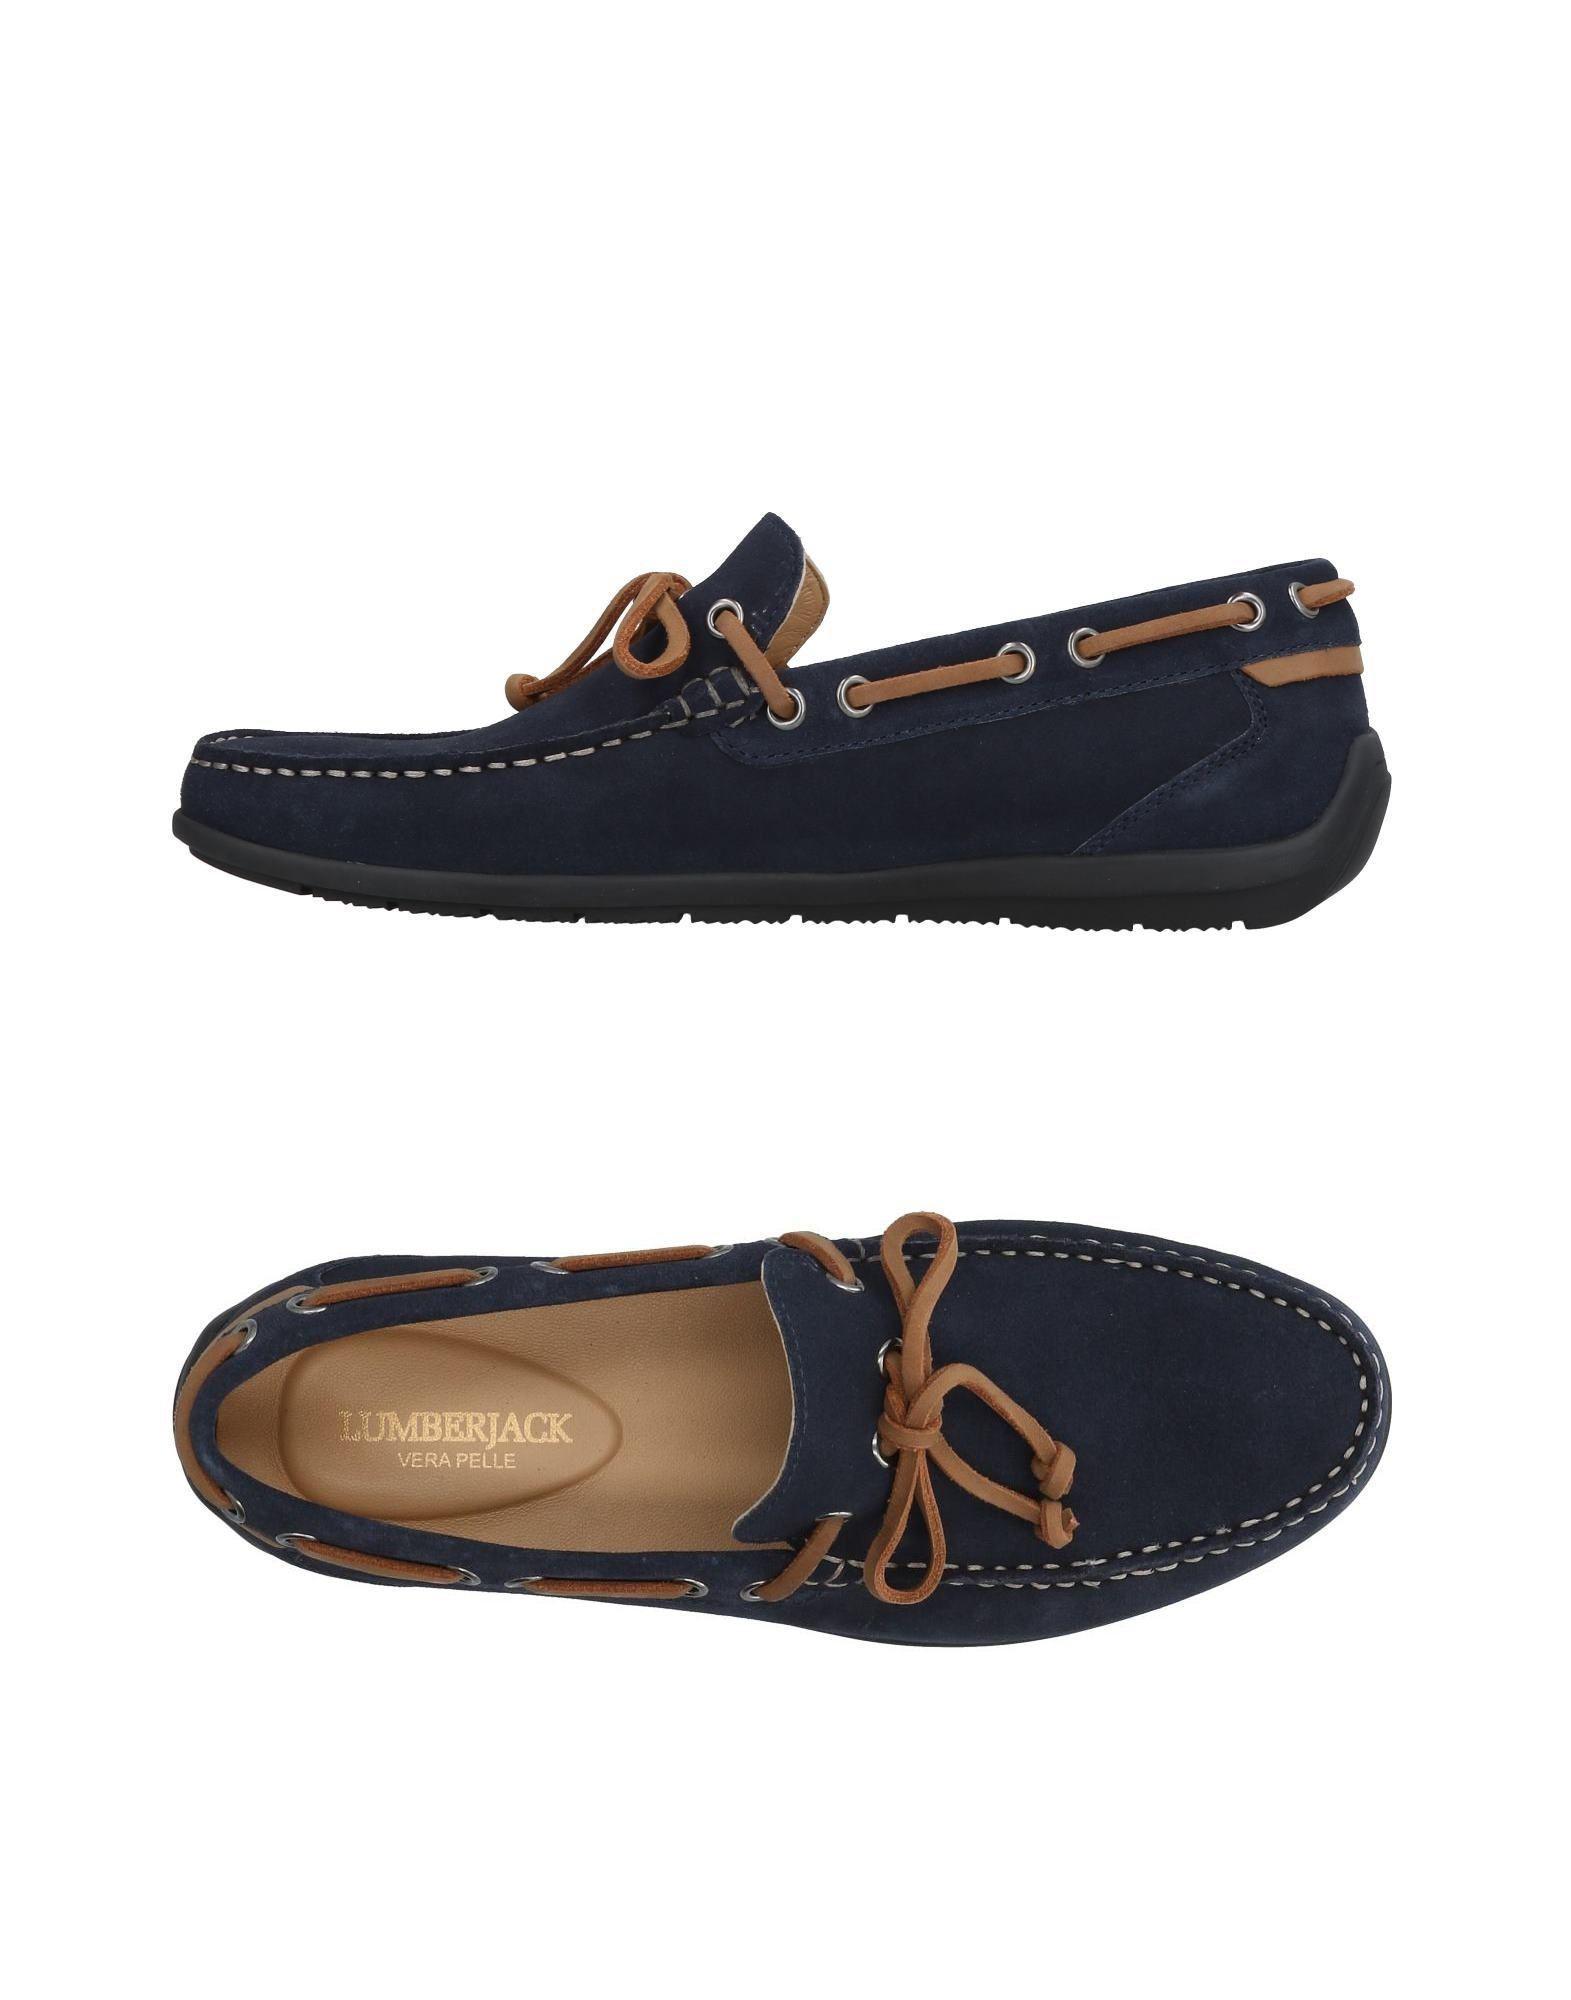 197823c121e Lyst - Lumberjack Loafer in Blue for Men